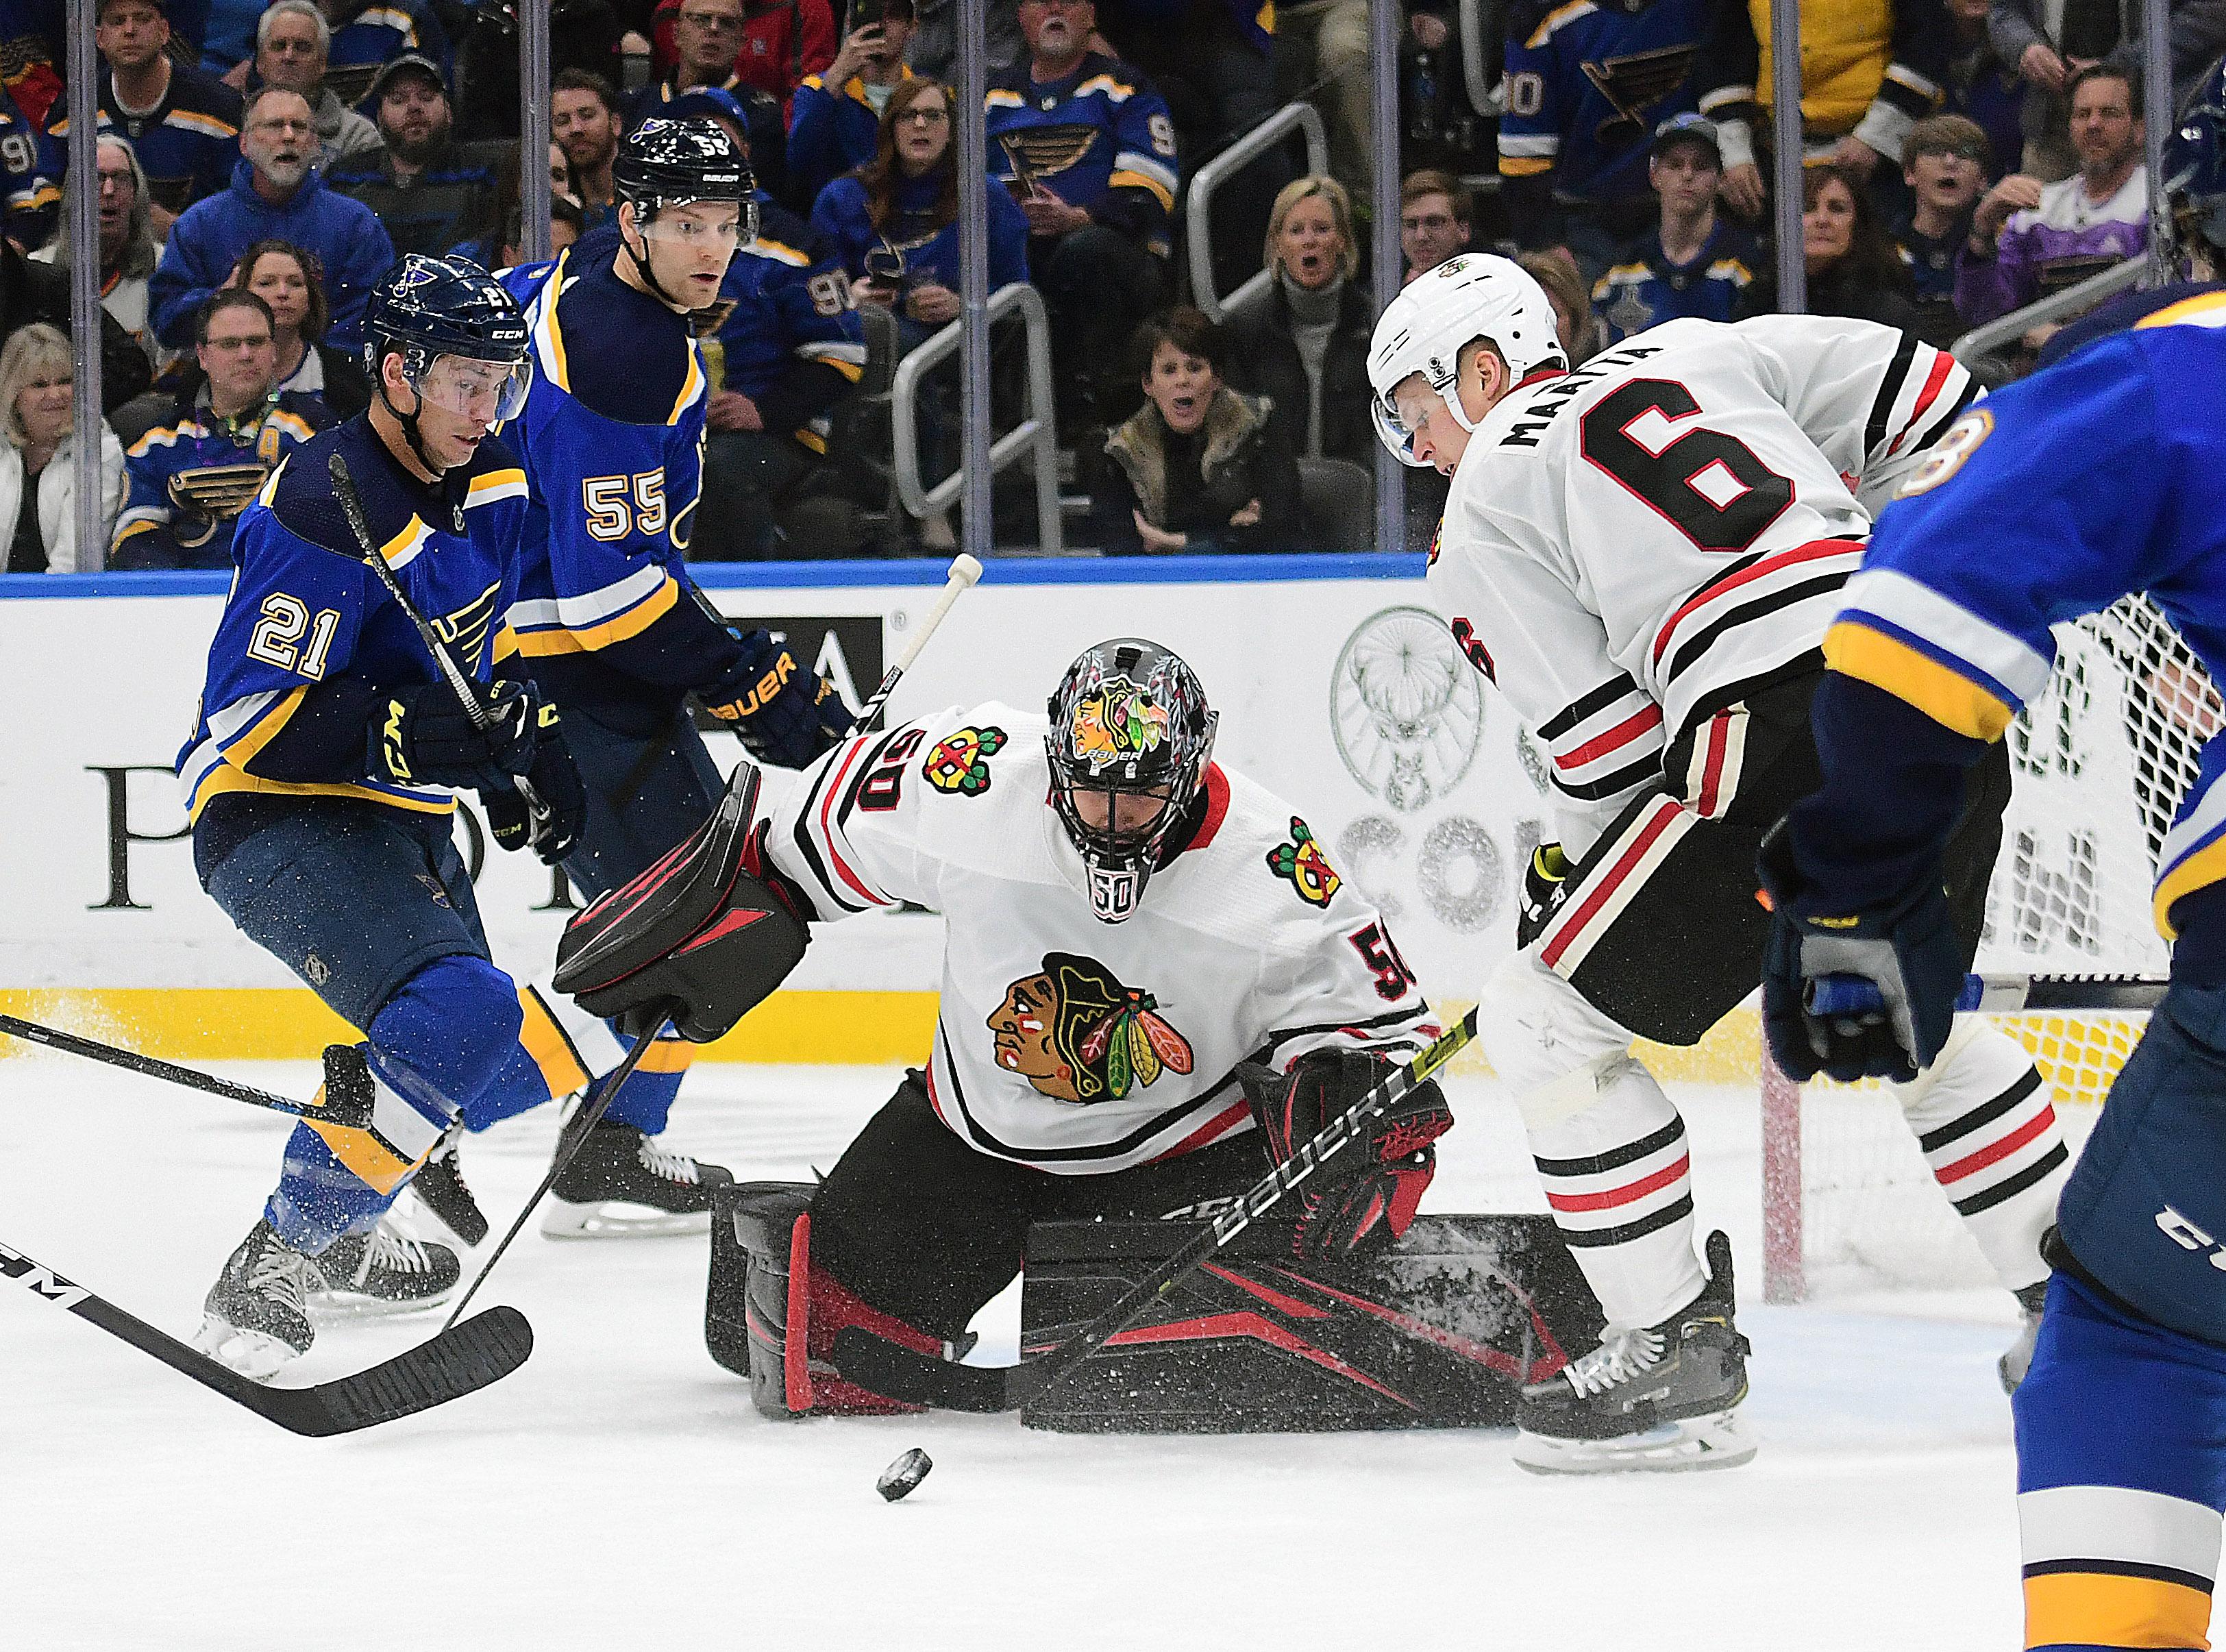 NHL: FEB 25 Blackhawks at Blues